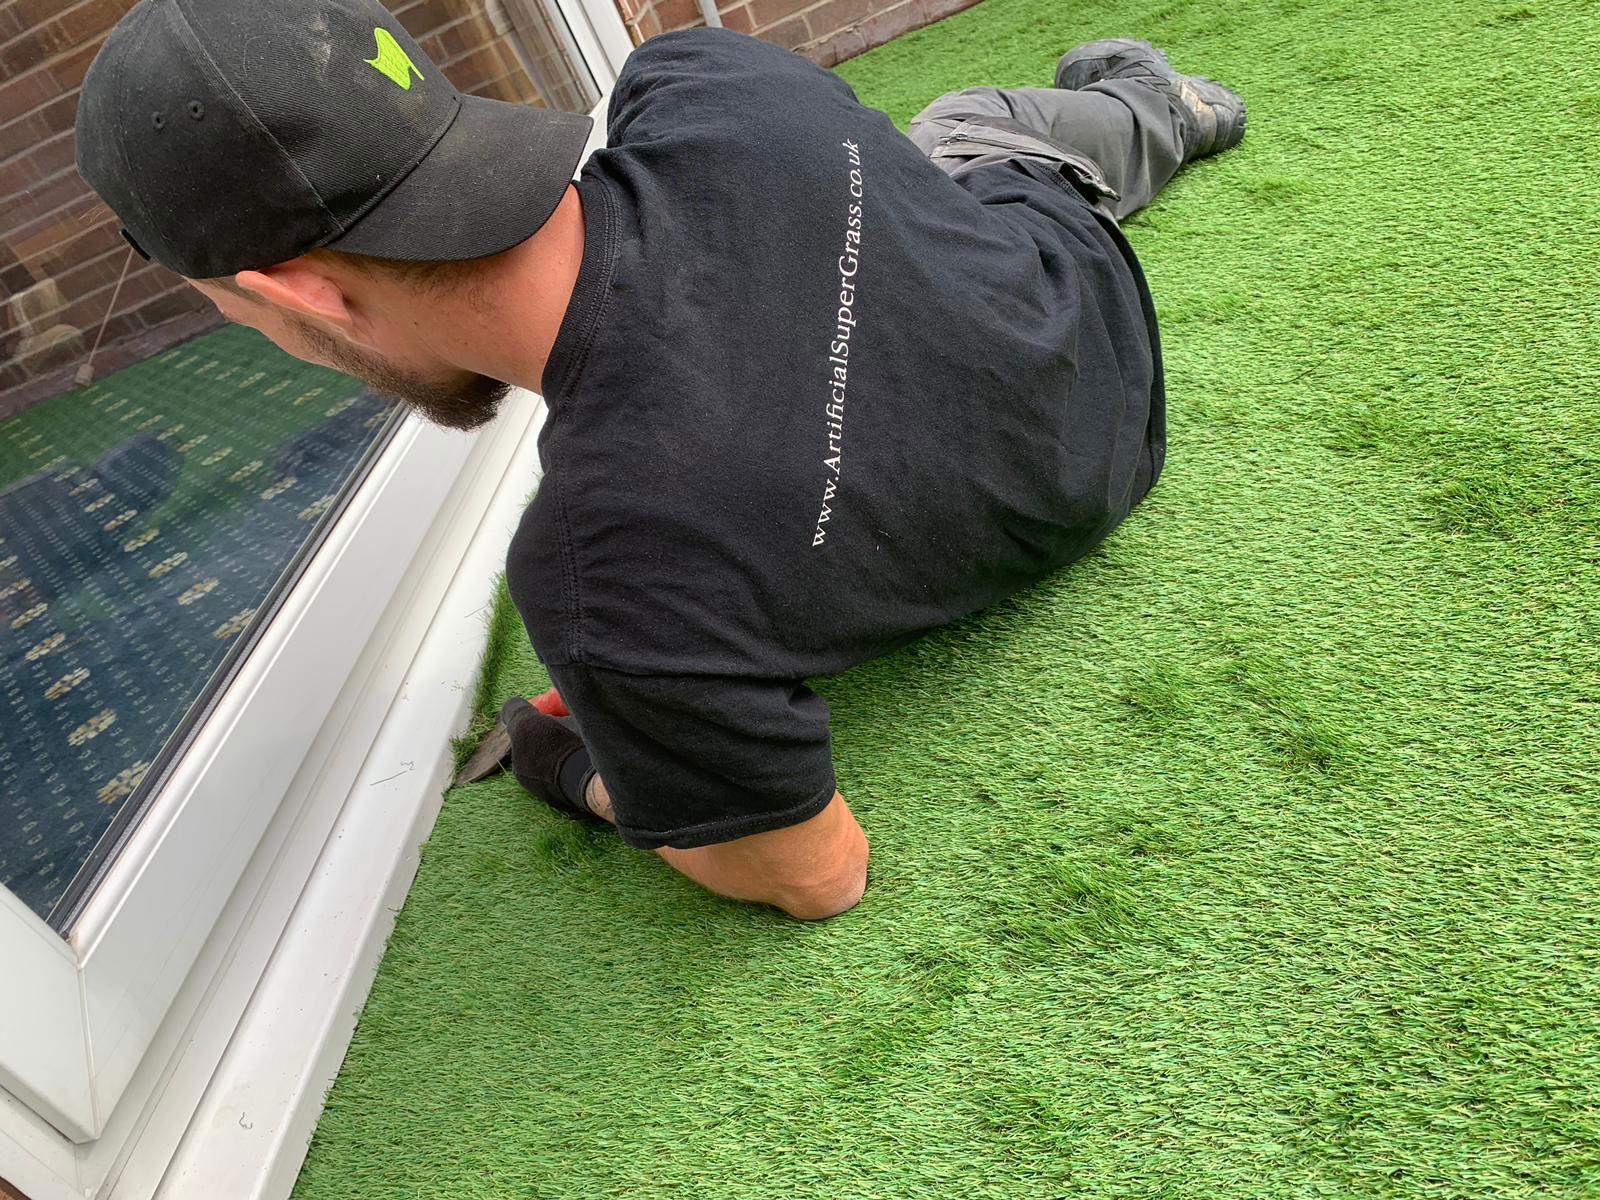 Laying Artificial Grass Manvers Artificial Super Grass